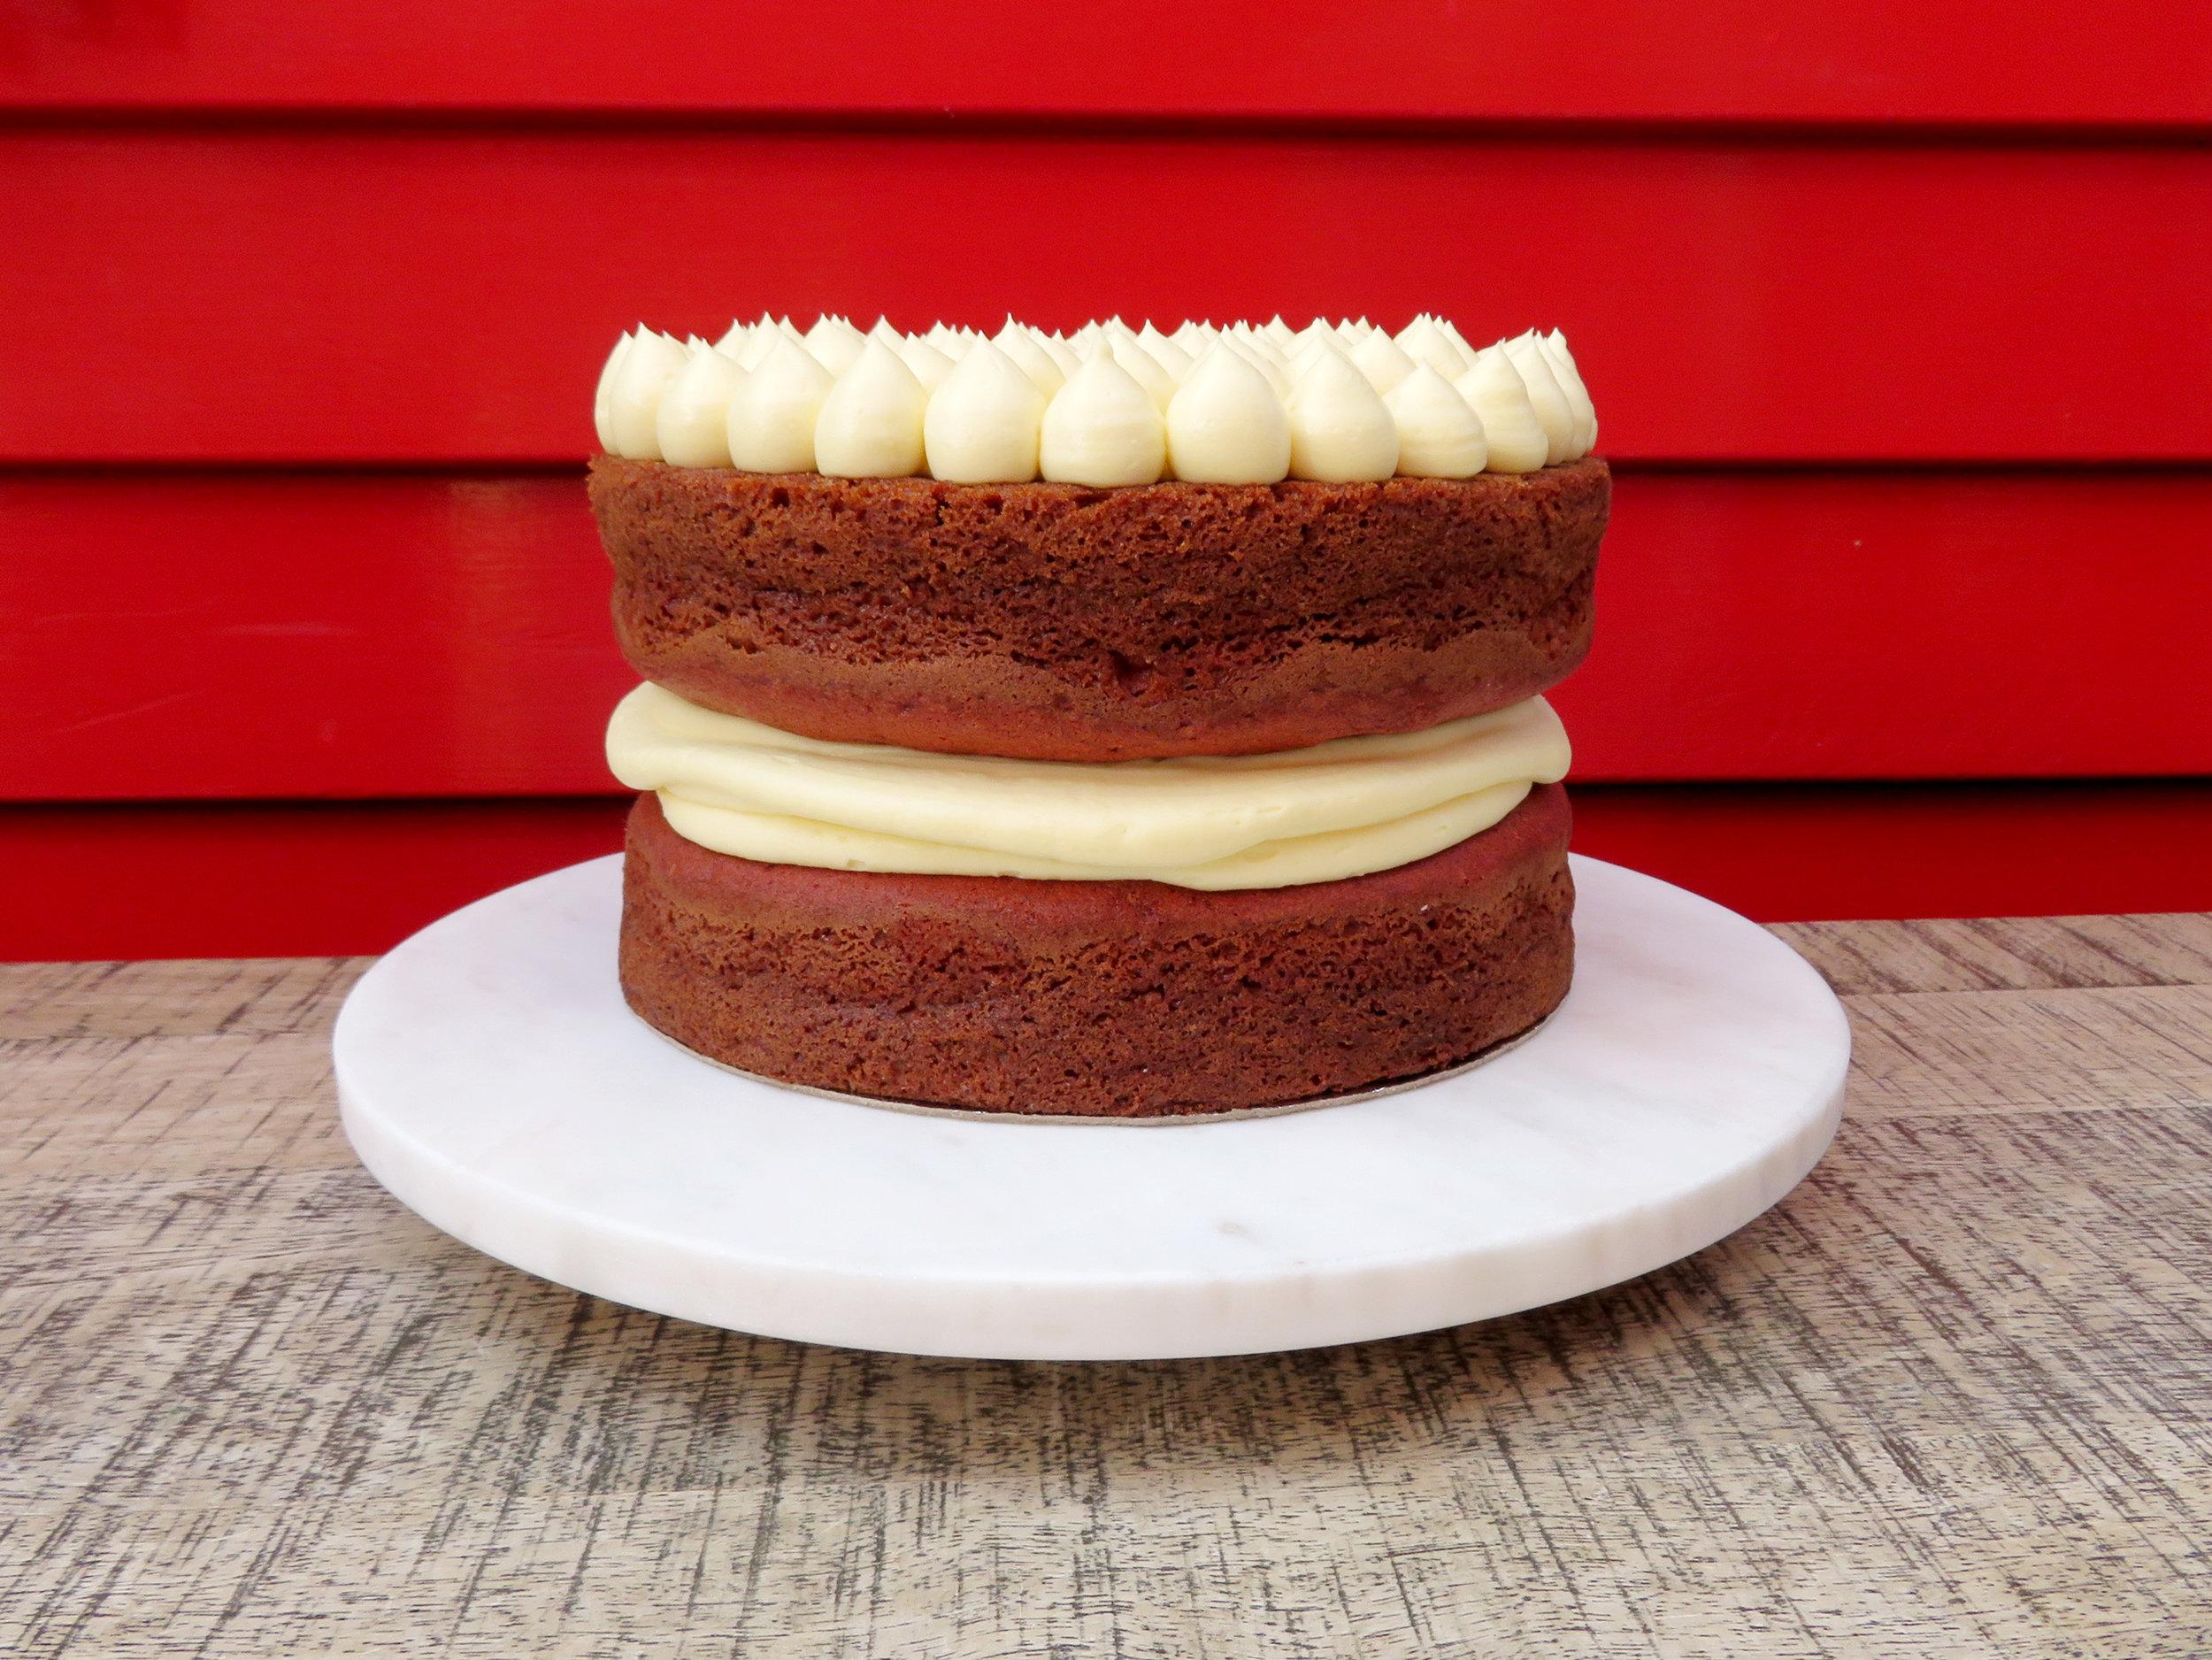 naked-cake-RED-filter.jpg